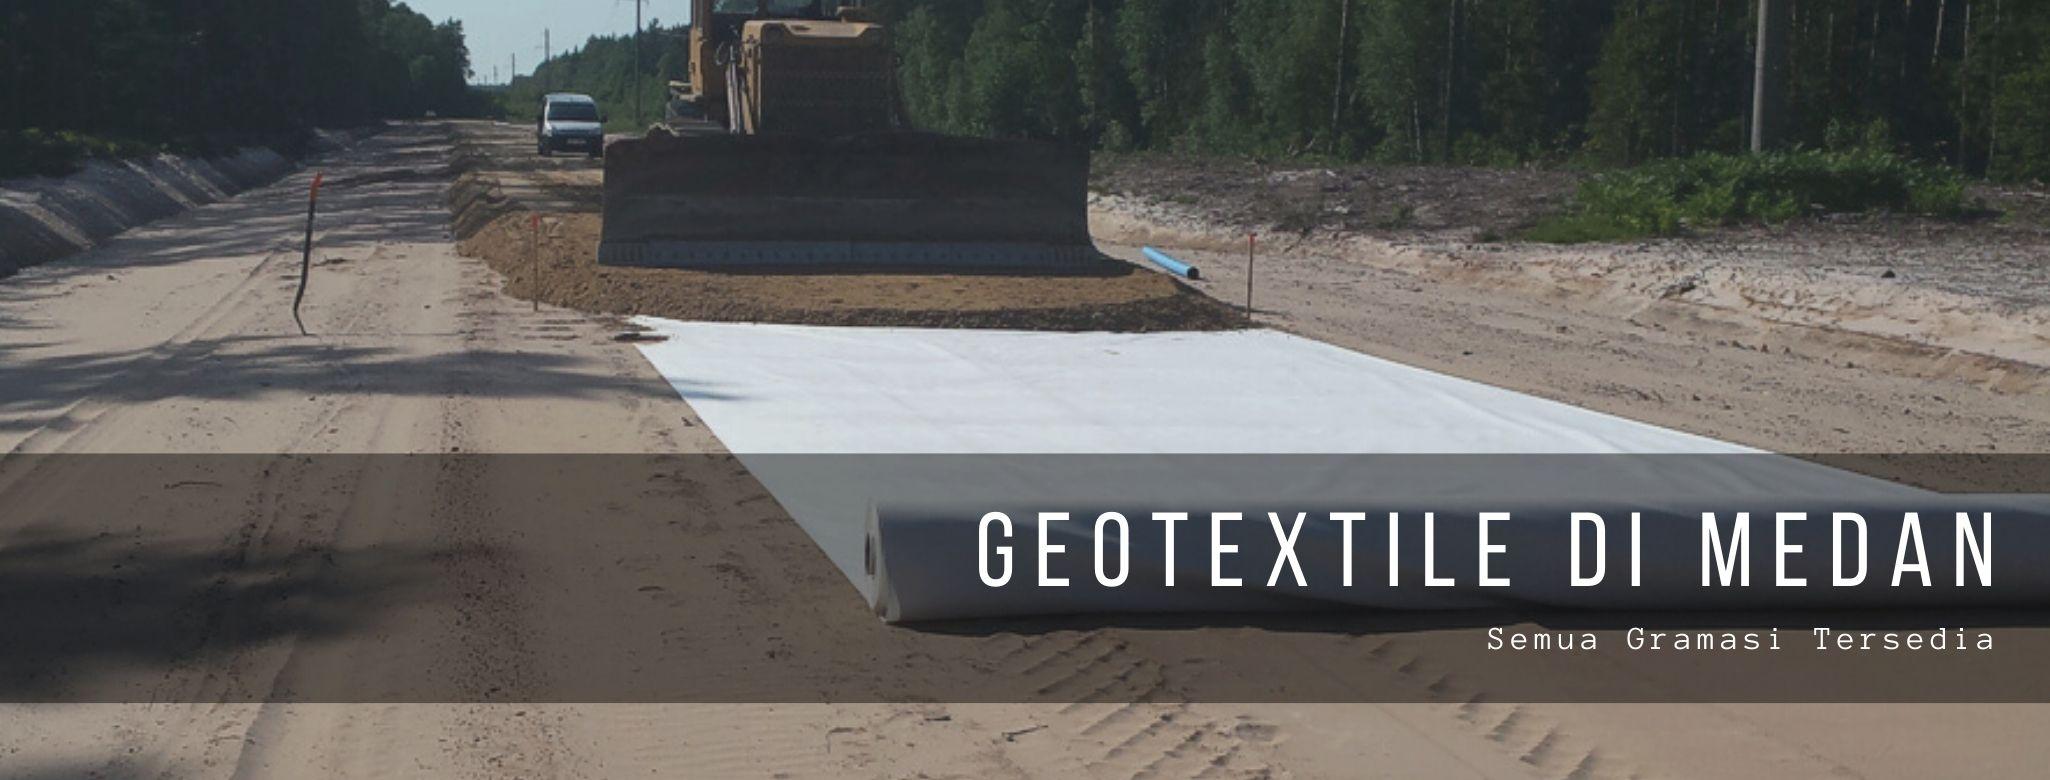 Geotextile di Medan, Semua Gramasi Tersedia